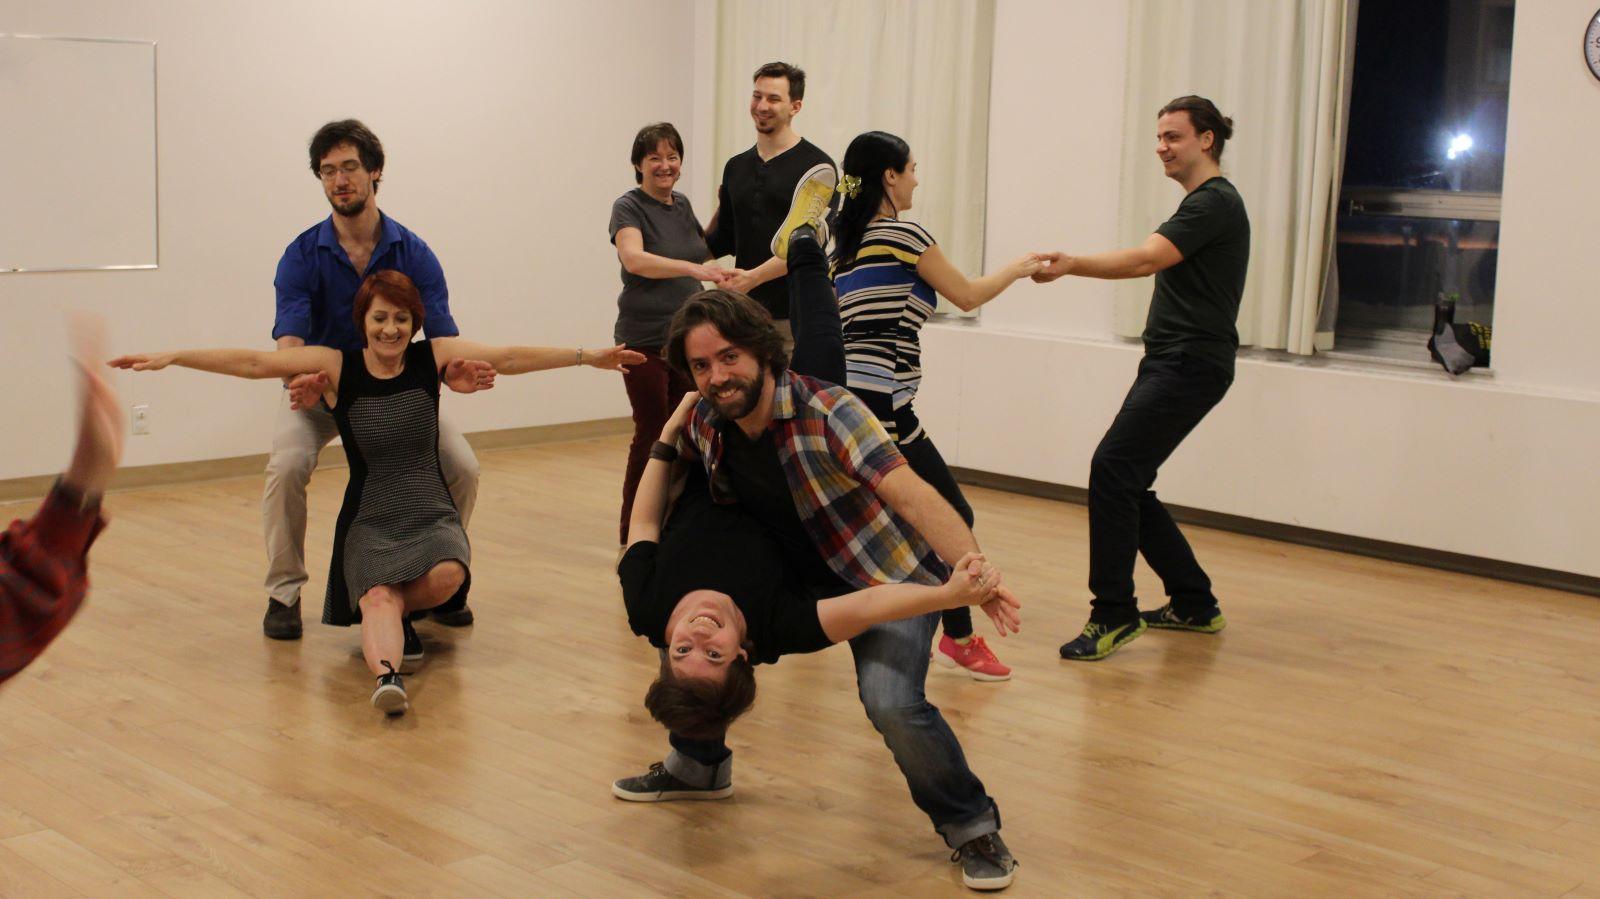 Cours de danse swing